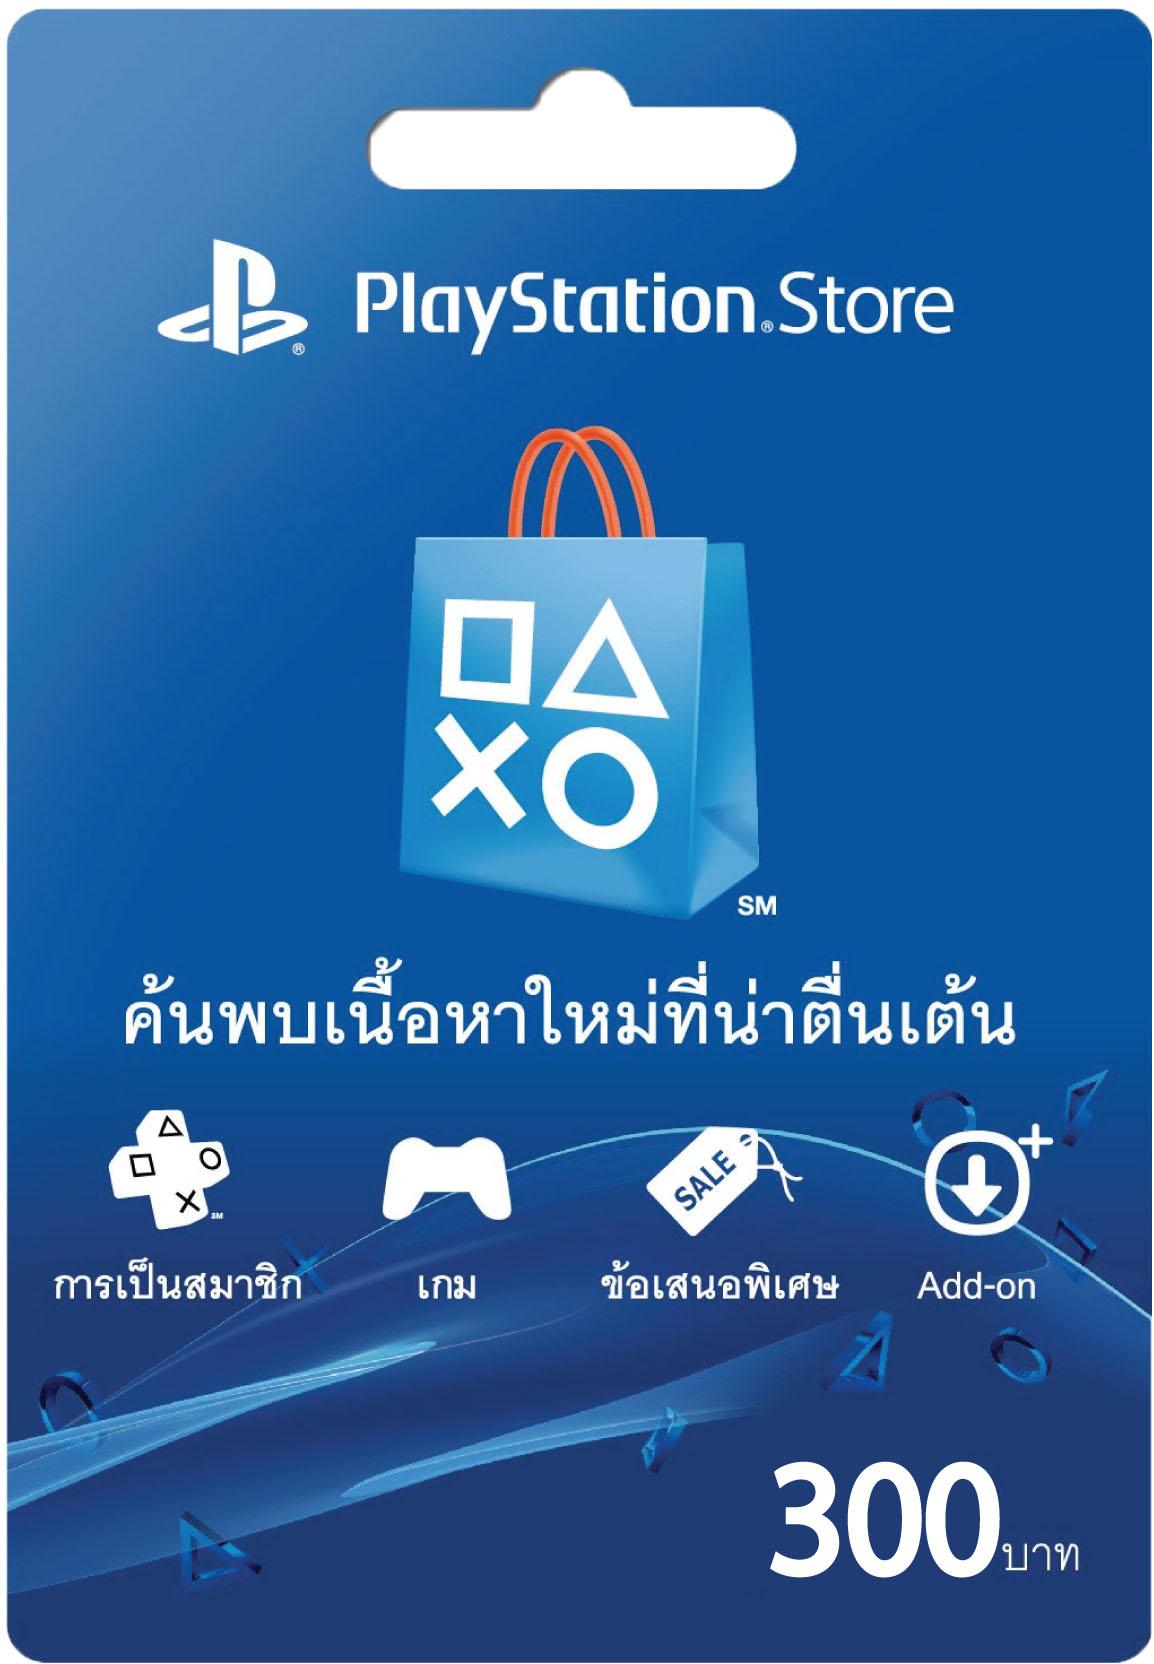 บัตร PSN 300 THB